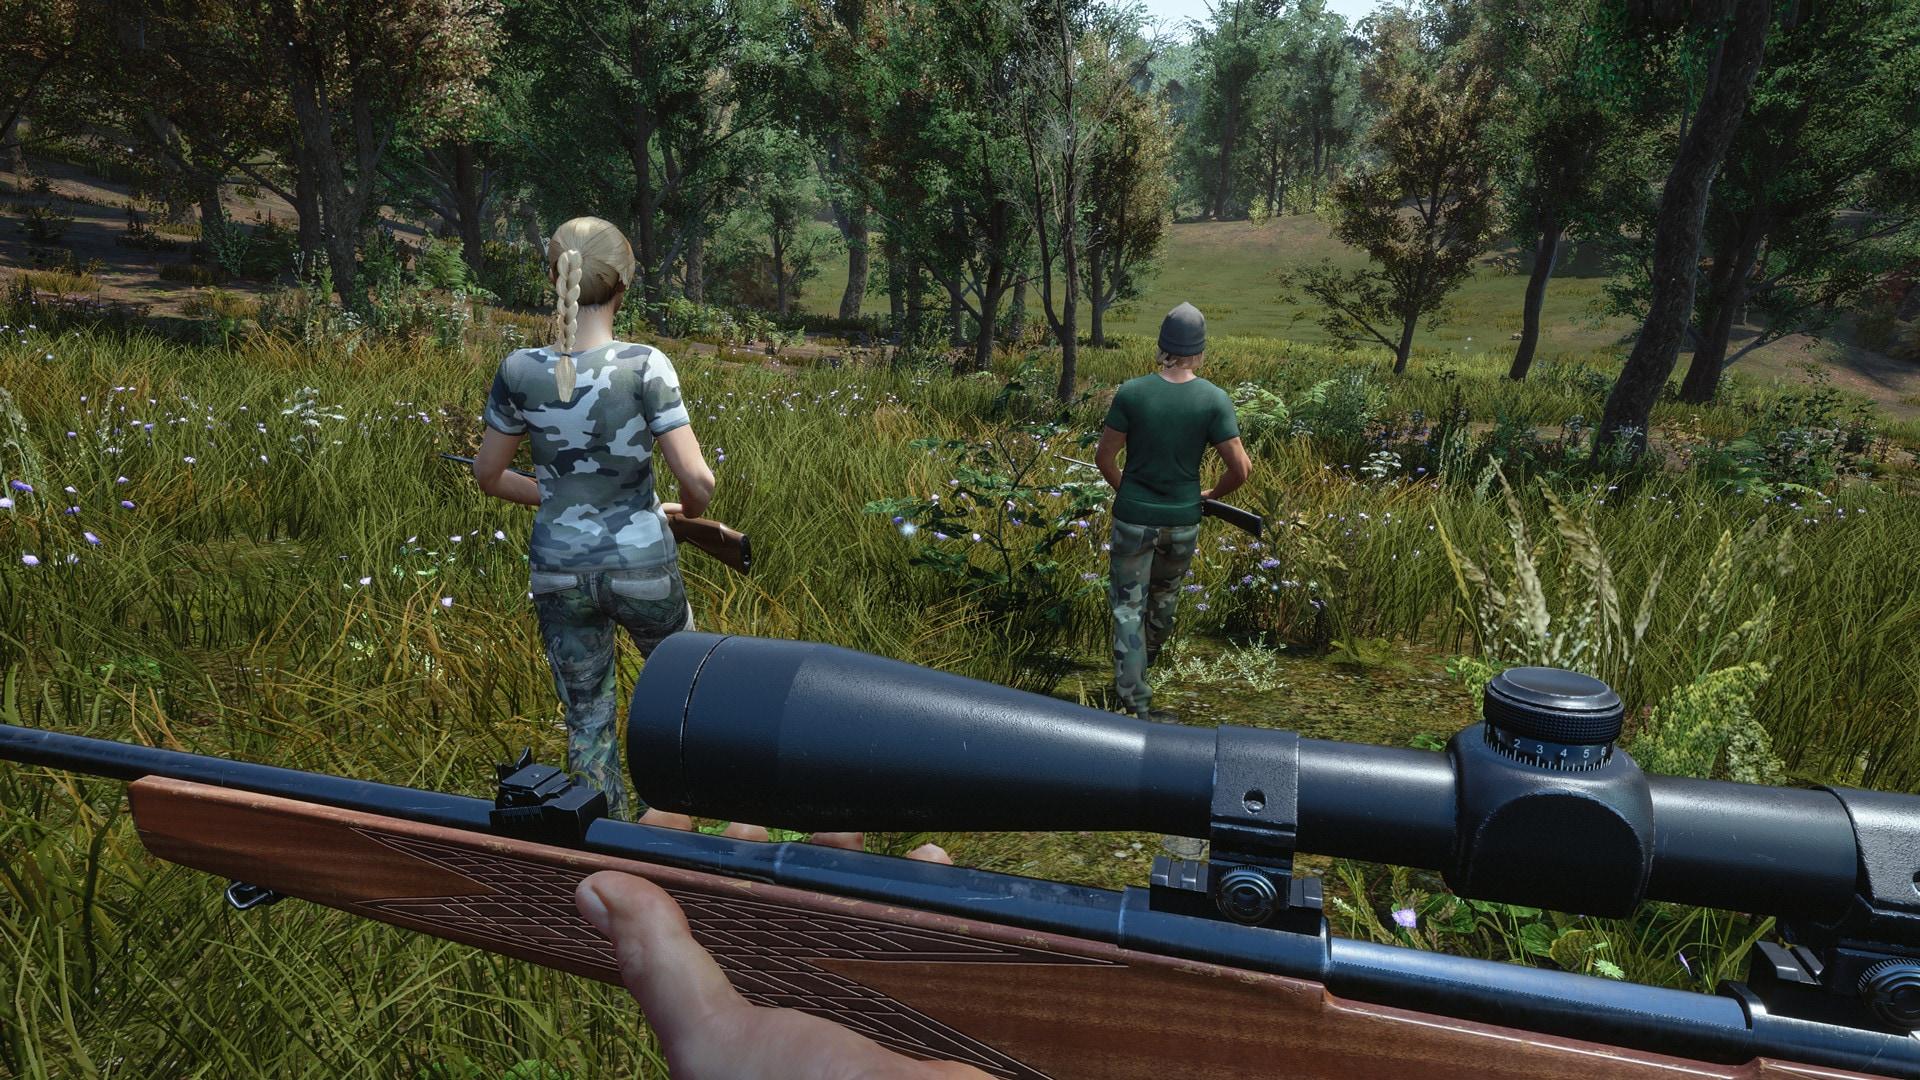 Recesione Hunting Simulator Ps4 Xbox One Pc Windows Smartworld